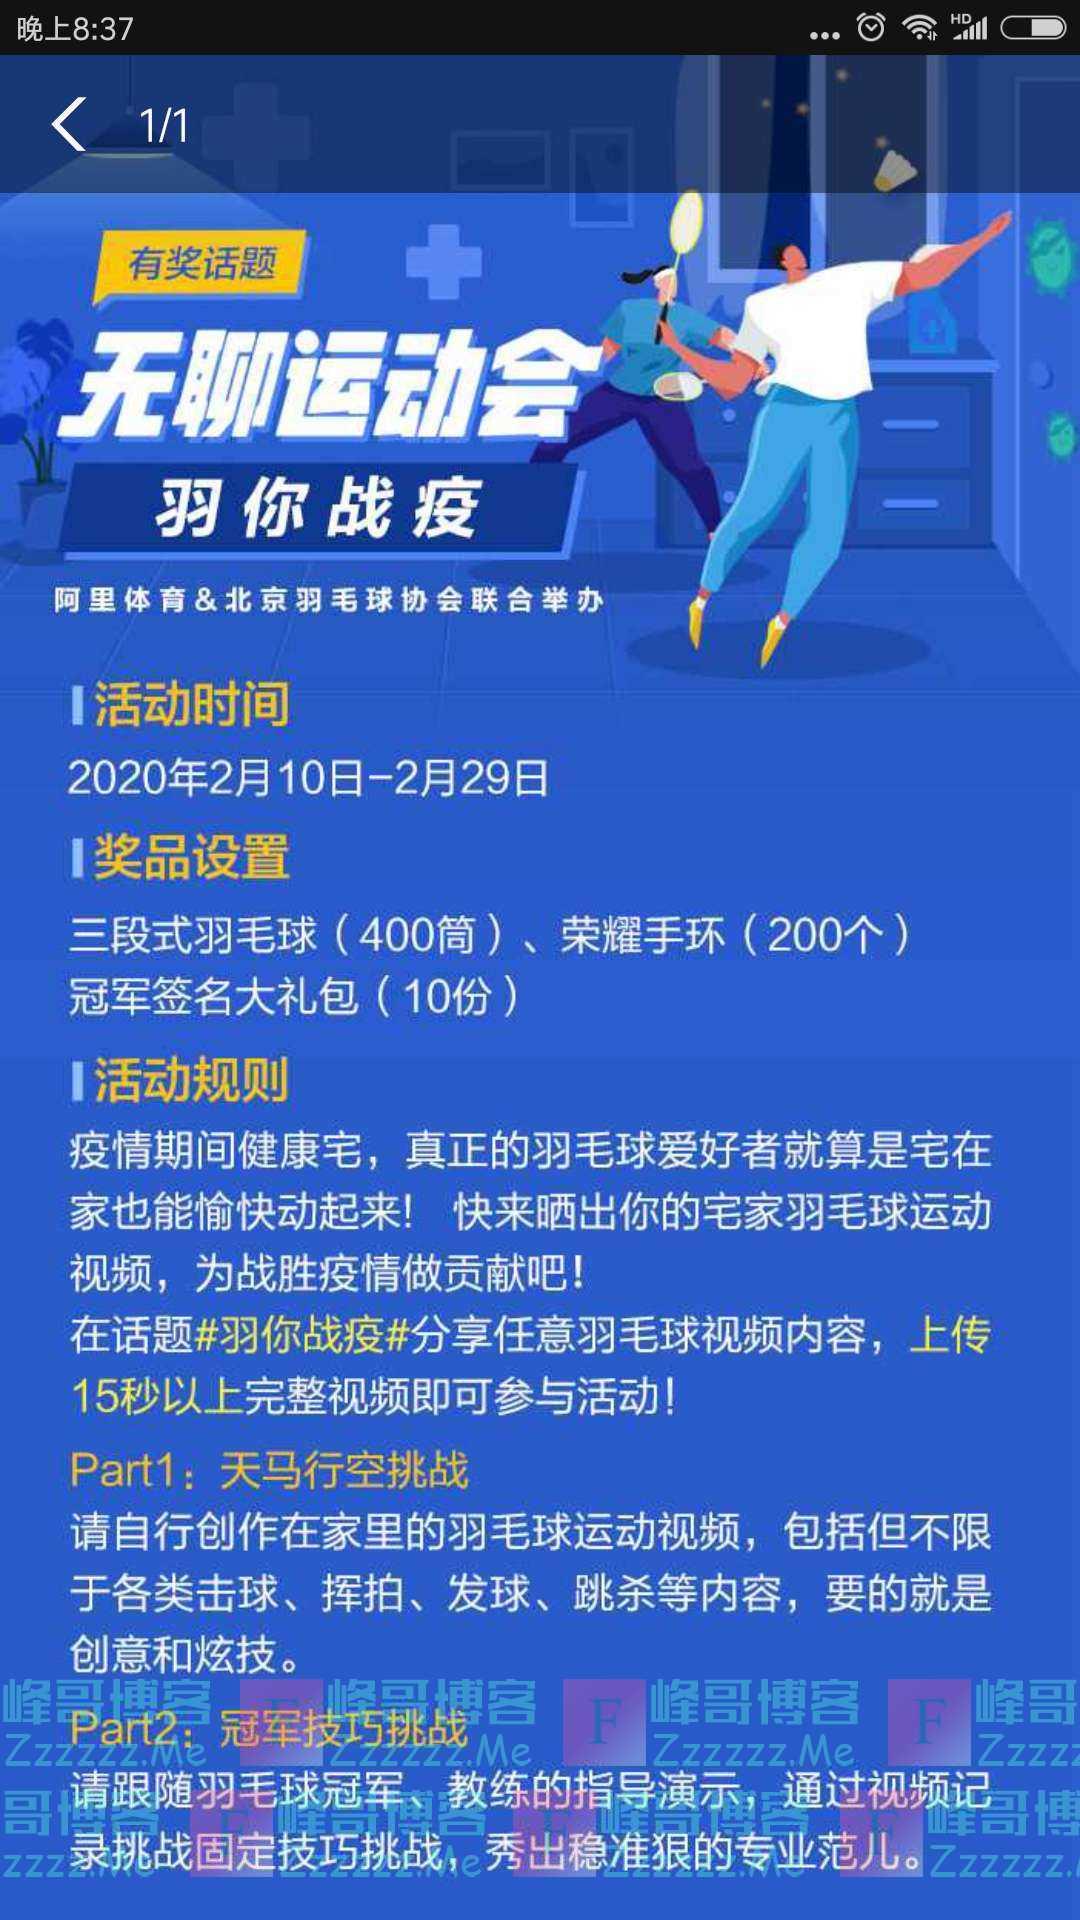 支付宝无聊运动会 羽你战疫(截止2月29日)